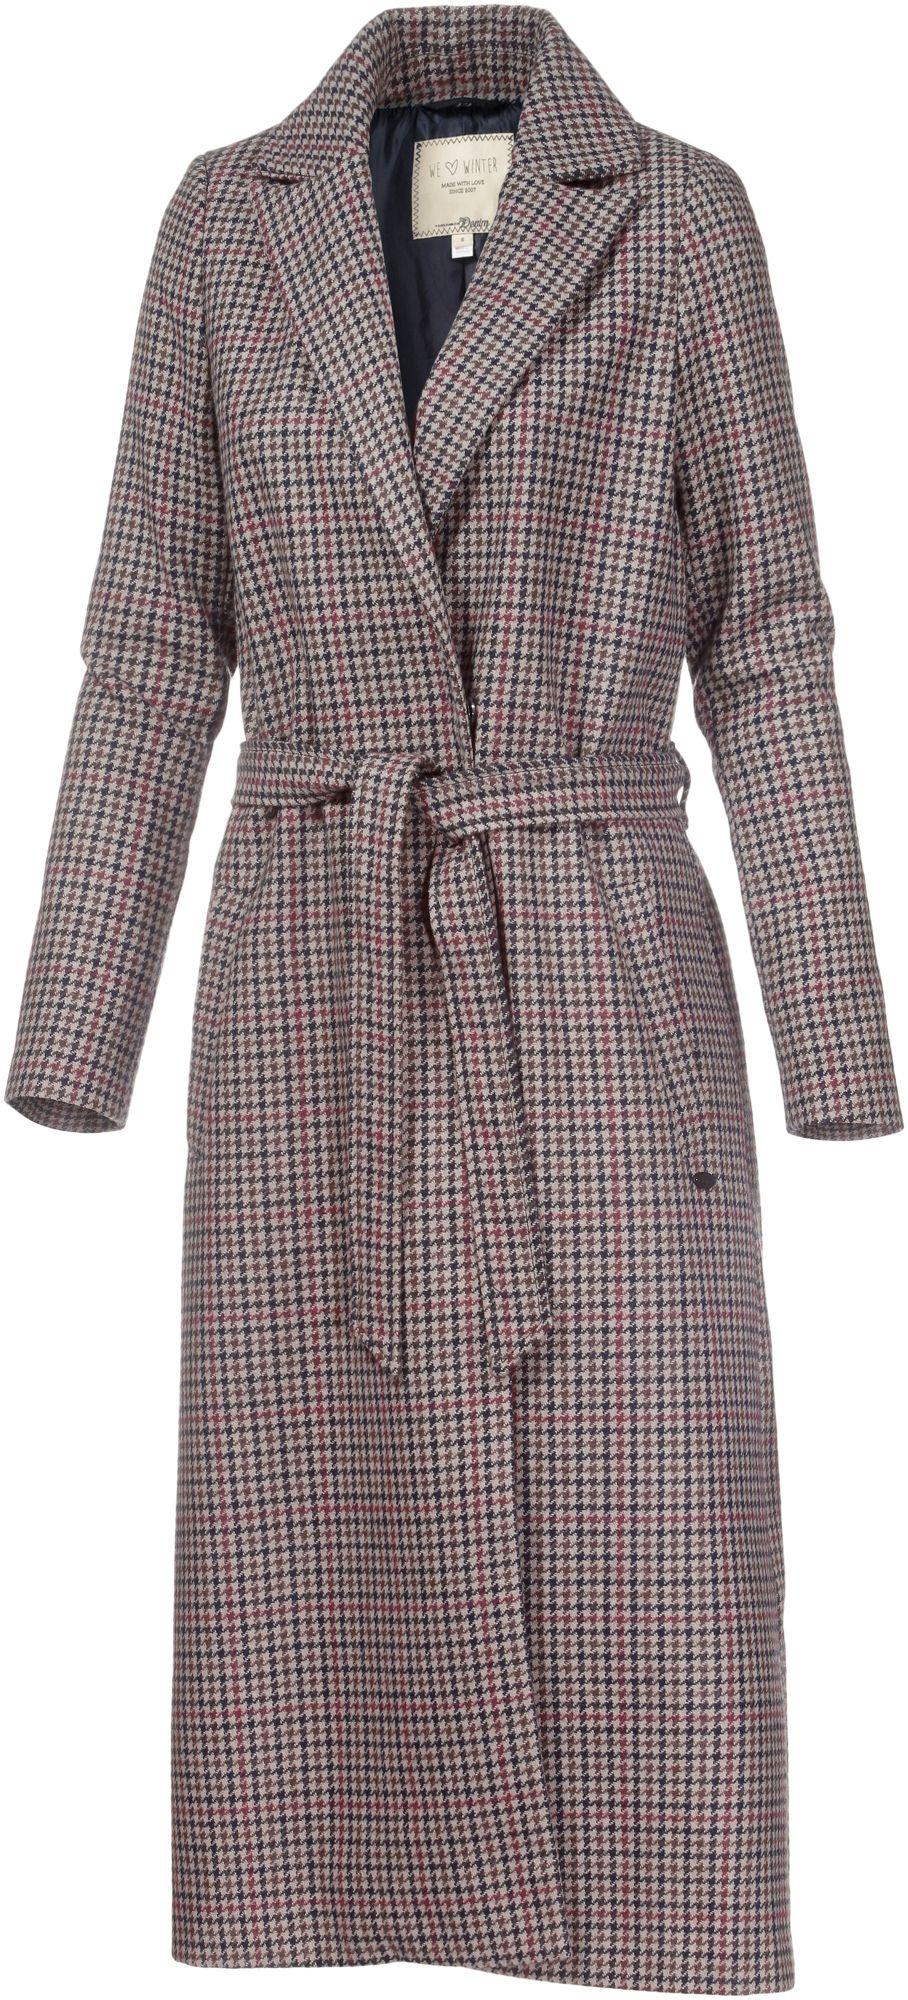 Warme Wollmäntel für Damen im OTTO Online-Shop: Riesige Auswahl Top Marken Top Service Bestellen Sie jetzt Ihren Damen-Wollmantel bei OTTO!